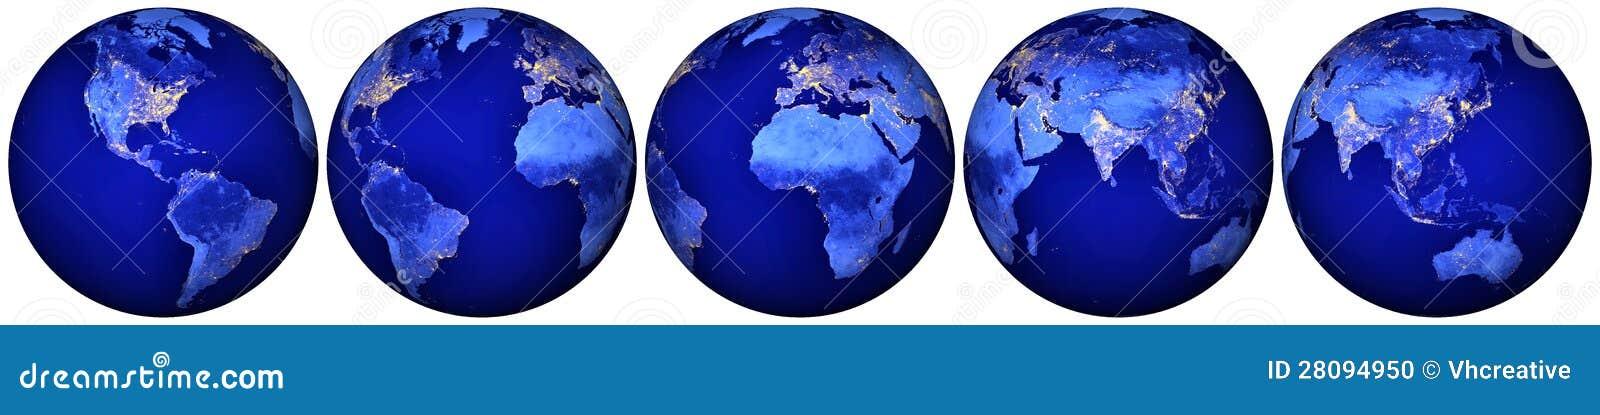 Tierra en la noche - hemisferios del globo